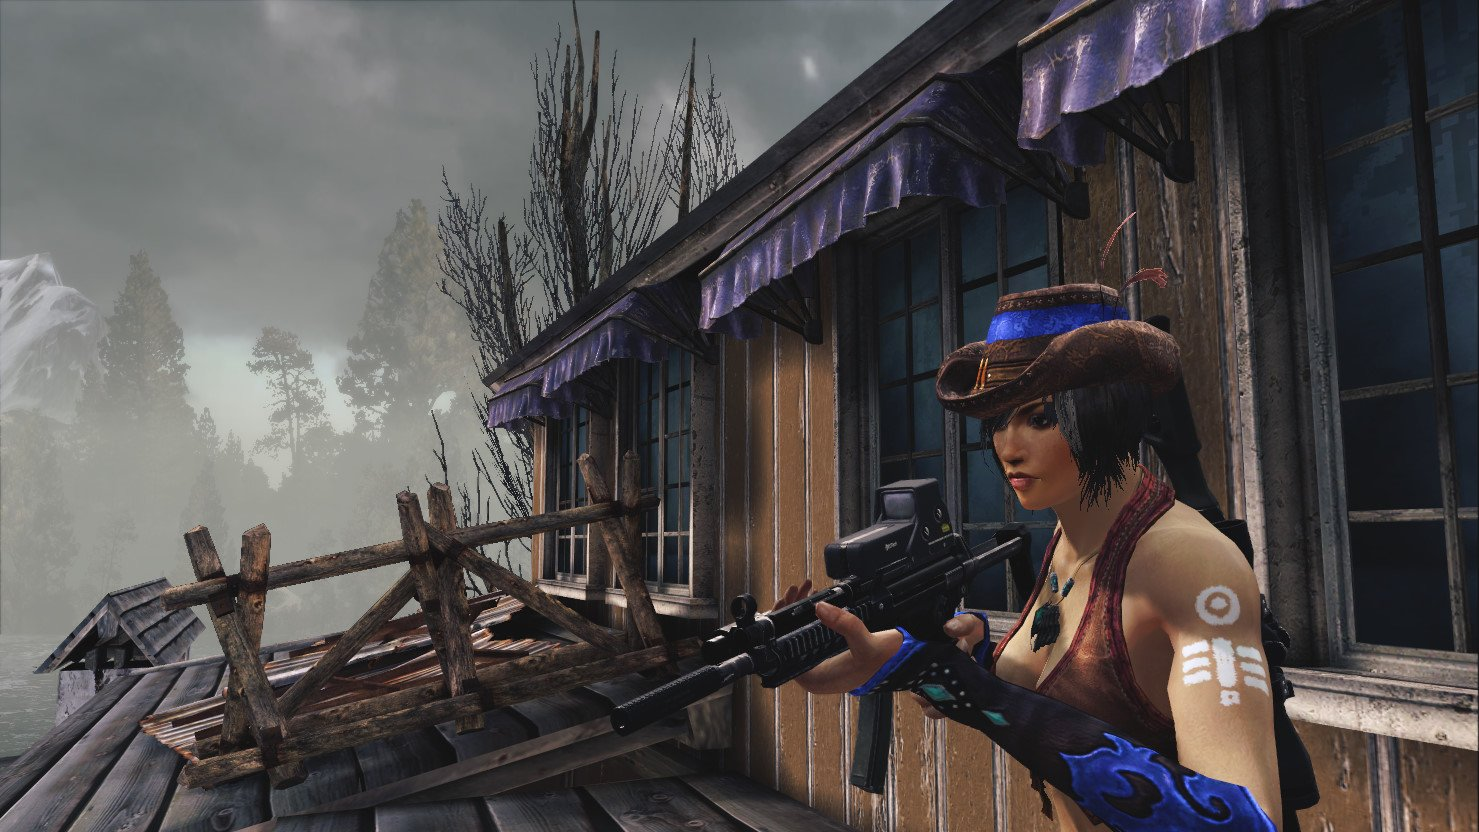 Подборка скриншотов от администрации Black Fire.На скринах демонстрируются женские персонажи. - Изображение 2